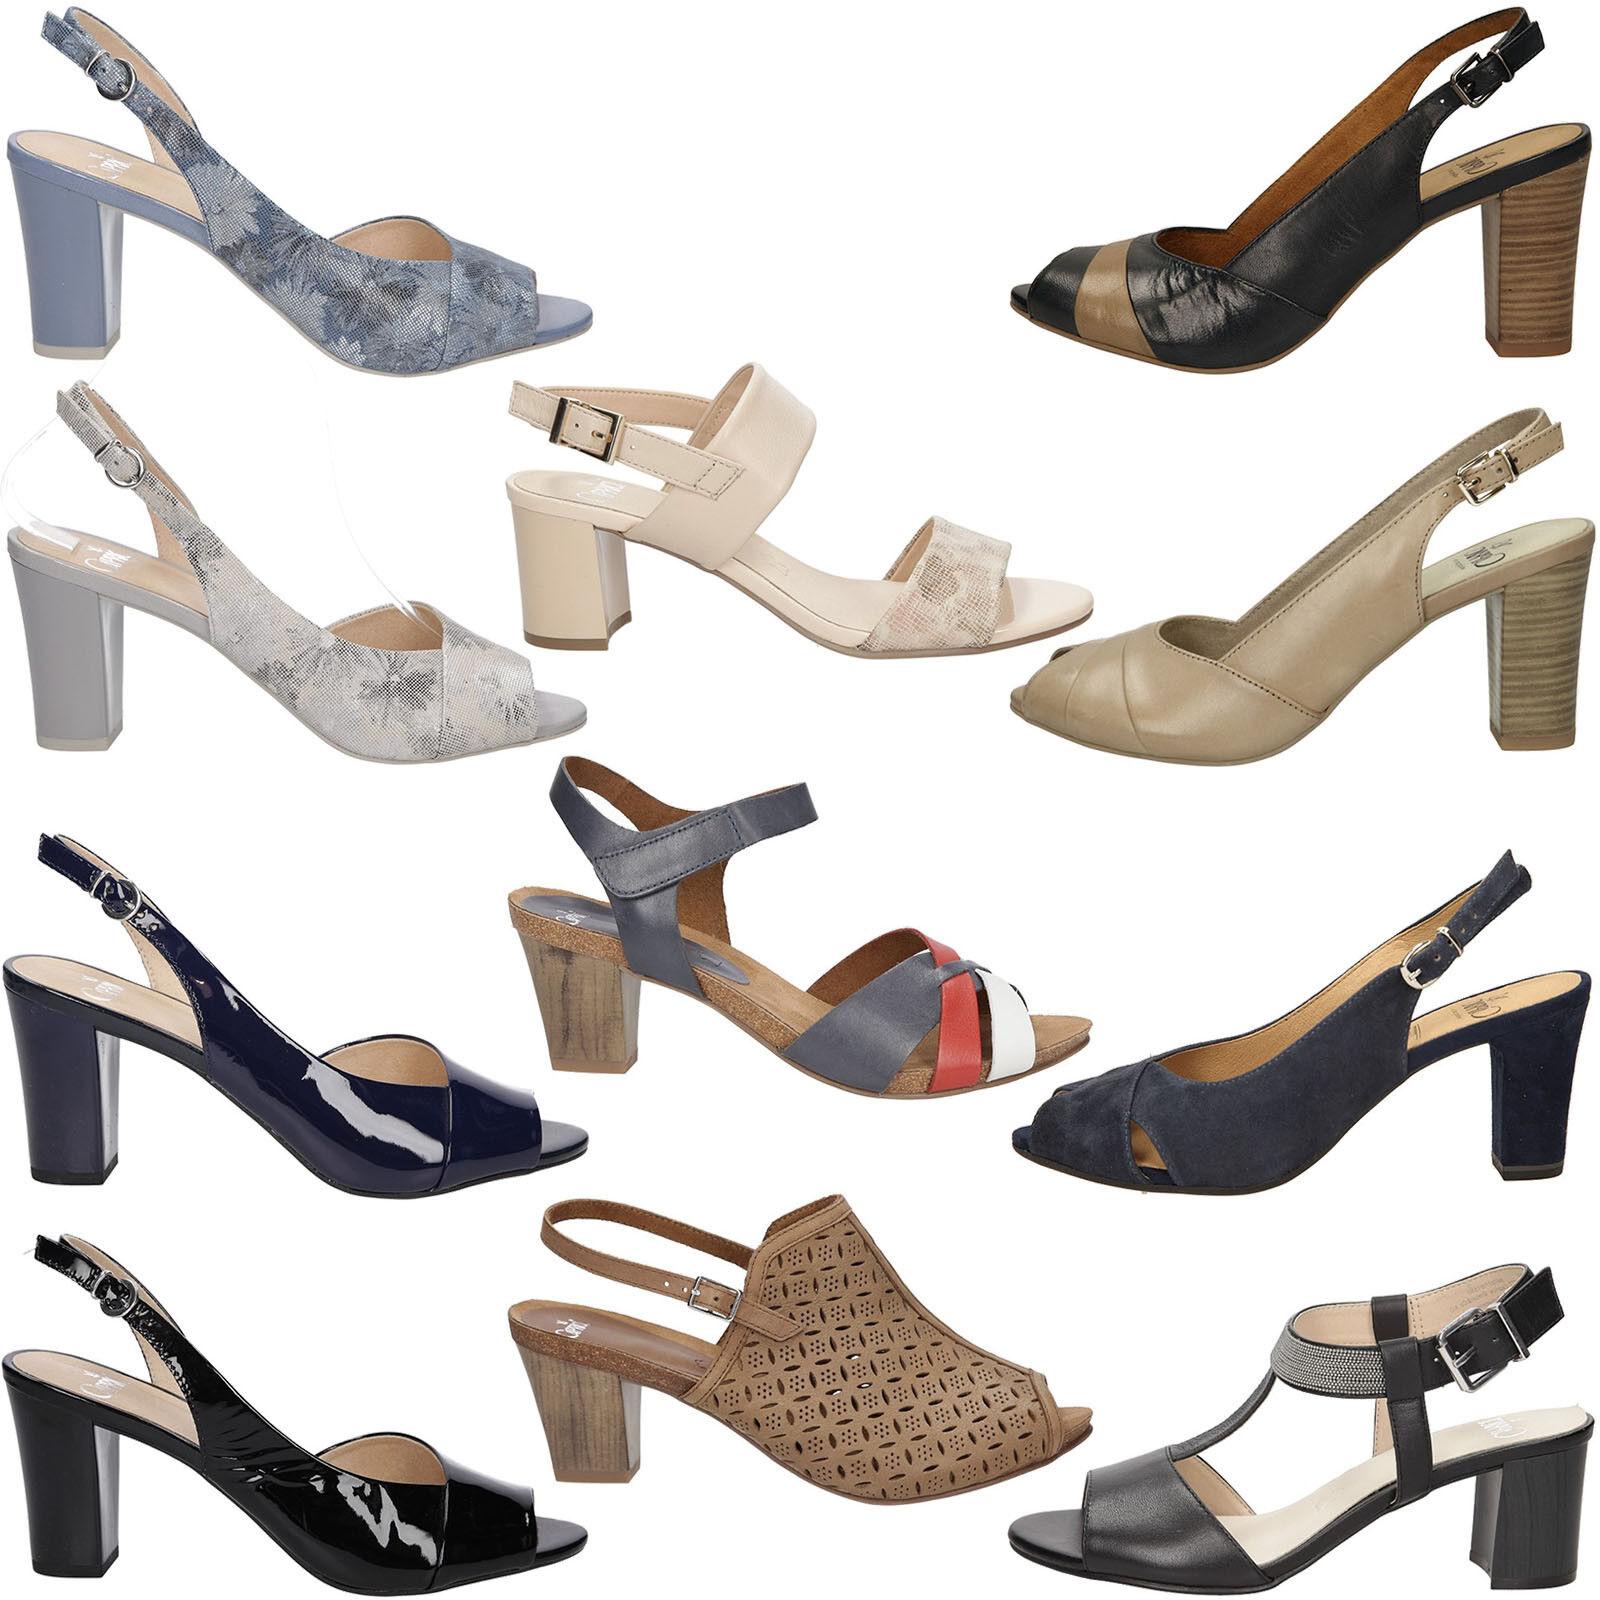 Damen Sandaletten Caprice Blockabsatz Echtleder Sommer Schnalle Gr. 36-42 36-42 Gr. NEU 1e1a0d